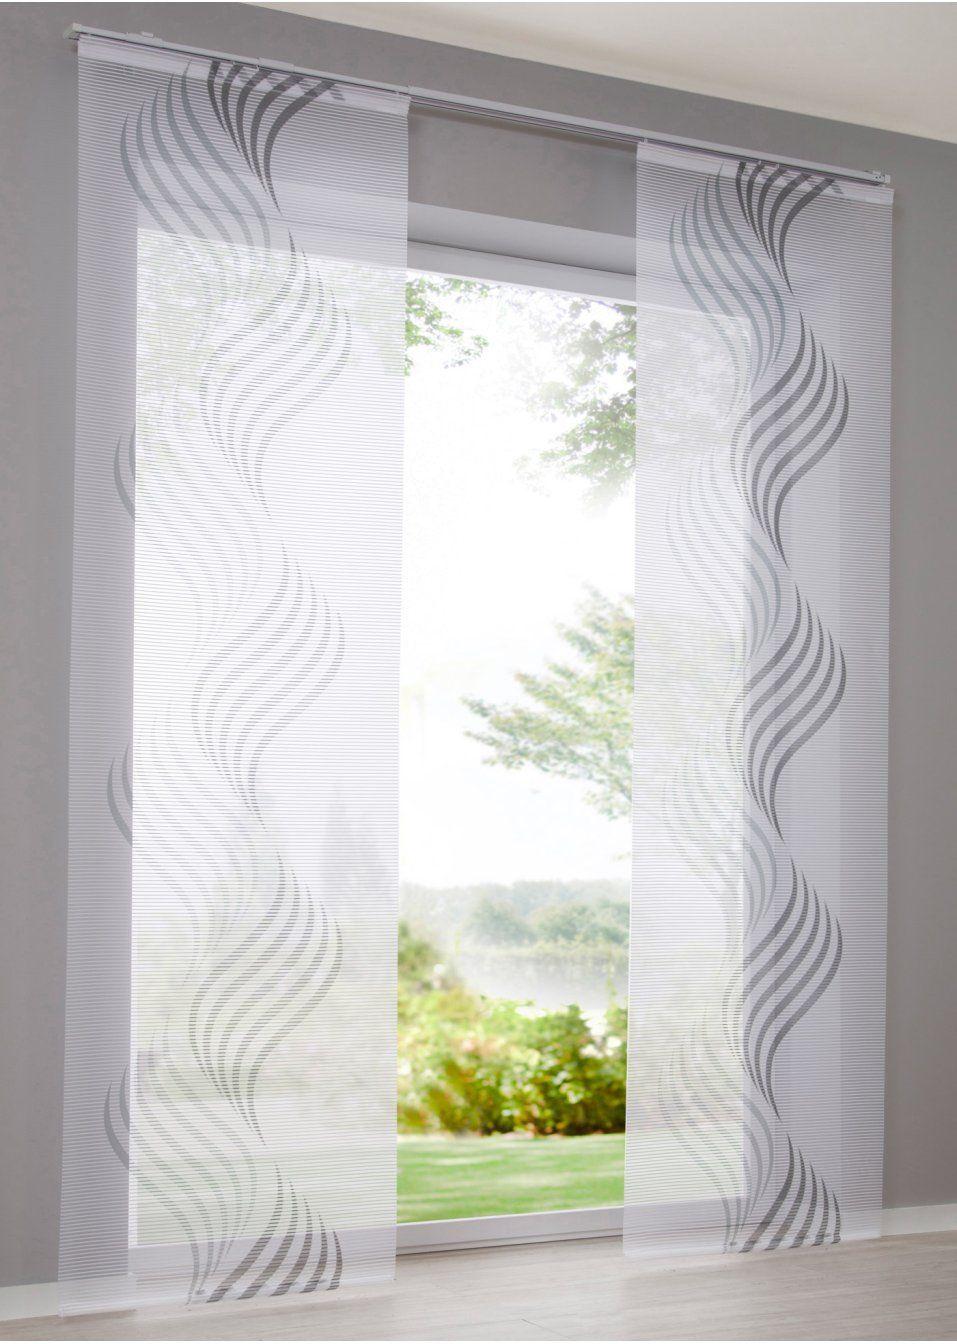 Moderne Fensterdekoration Mit Druck Weiss Grau Klettschiene Schiebegardine Gardinen Vorhange Gardinen